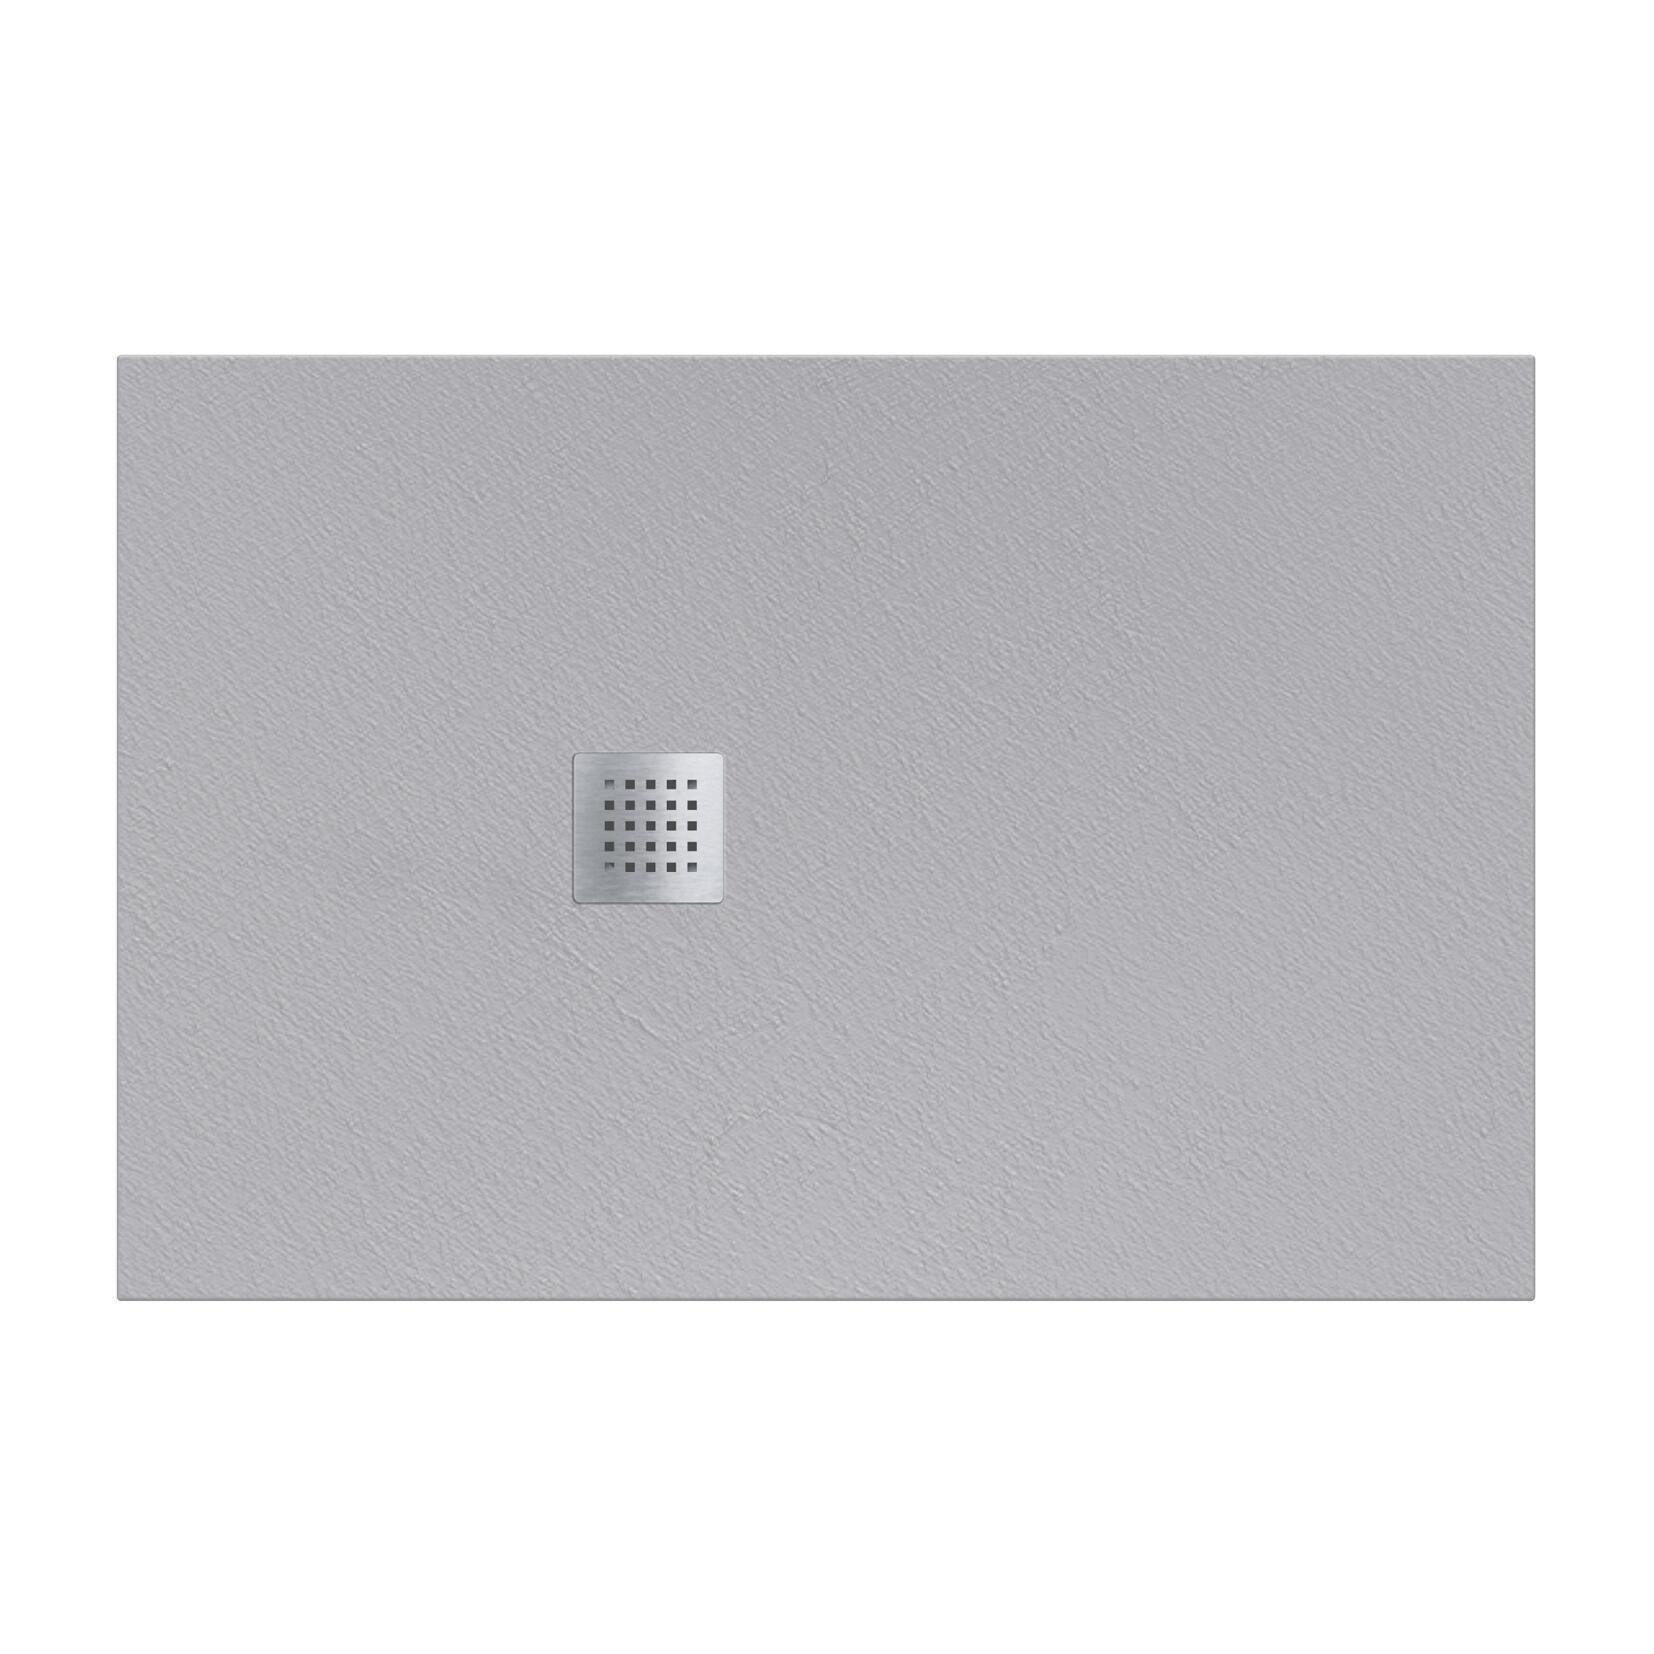 Piatto doccia resina Strato 180 x 80 cm grigio